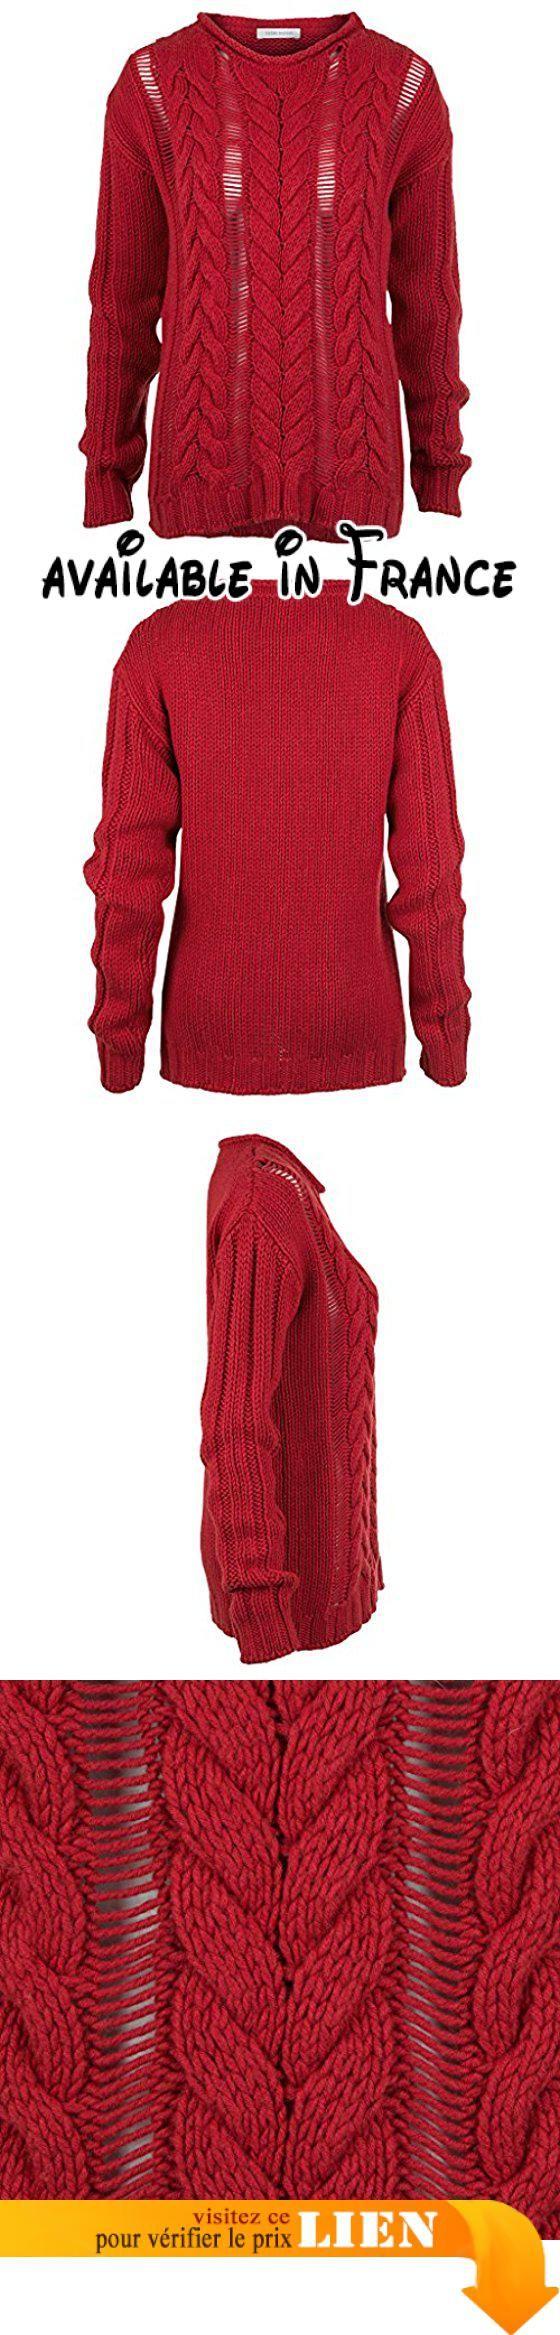 Pierre Balmain Rundhals Pullover rot Gr. 36. Pierre Balmain Rundhals Pullover rot Gr. 36 | Damen Pullover online kaufen bei Luxury Loft #Apparel #SWEATER